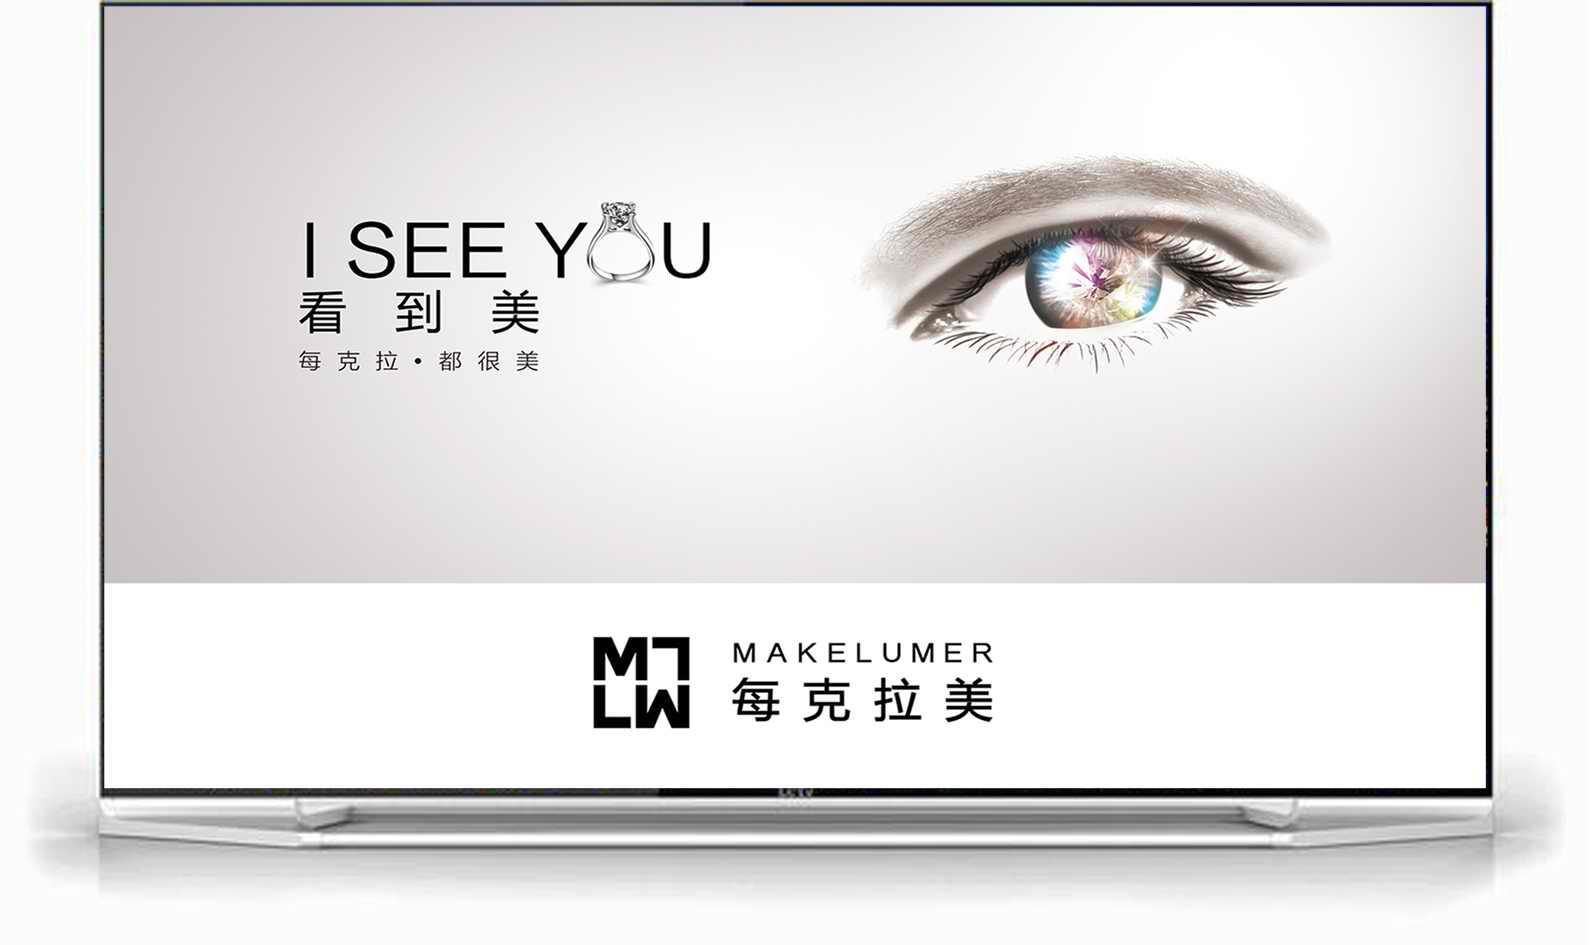 强强联手,面向客户第一台120寸乐视超级电视落户每克拉美蓝港店 —每克拉美是uMax120在珠宝行业